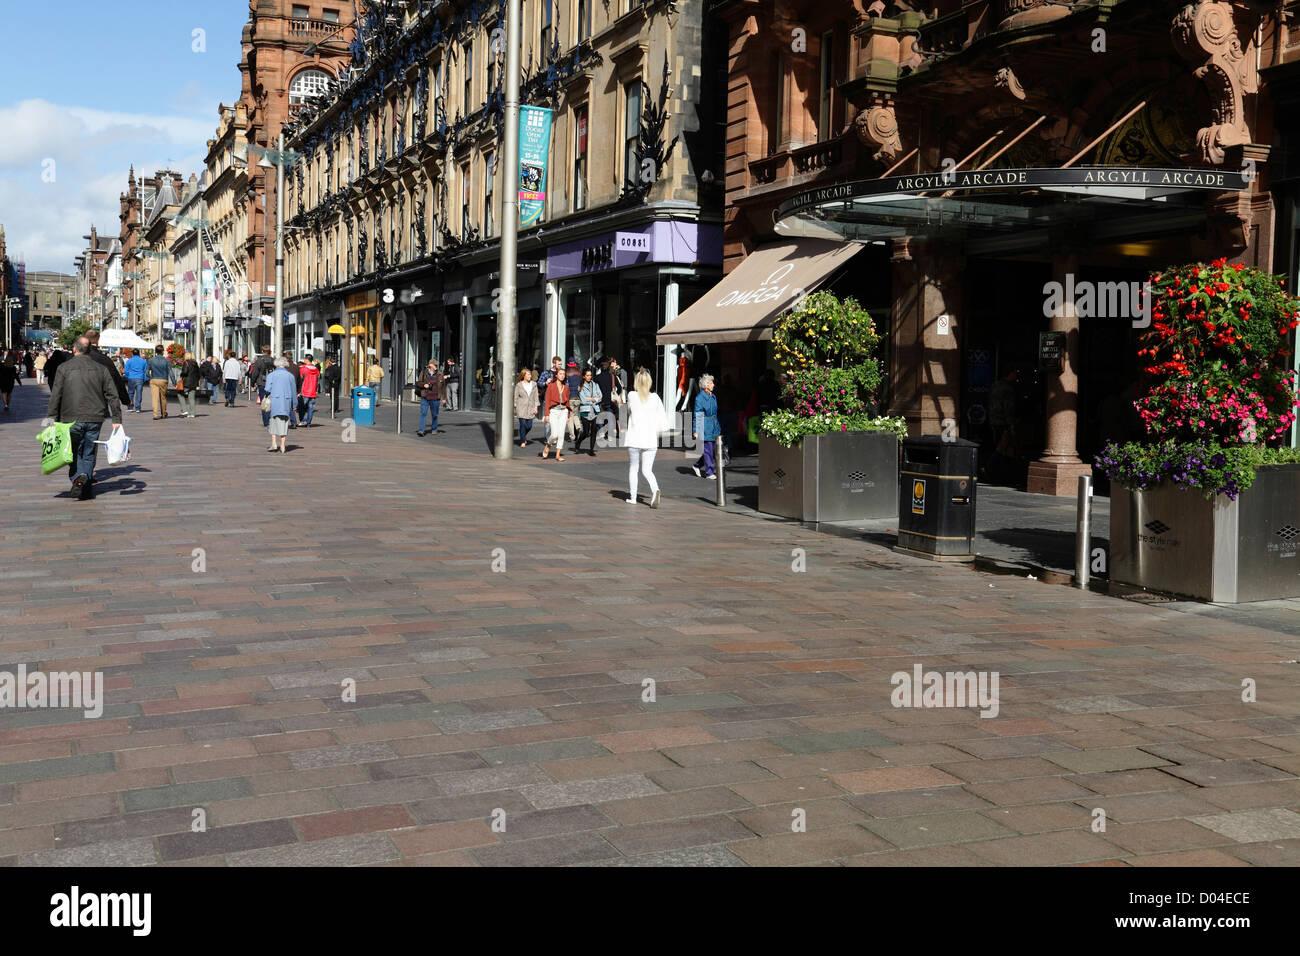 Buchanan Street zona pedonale nel centro della città di Glasgow, Scotland, Regno Unito Immagini Stock